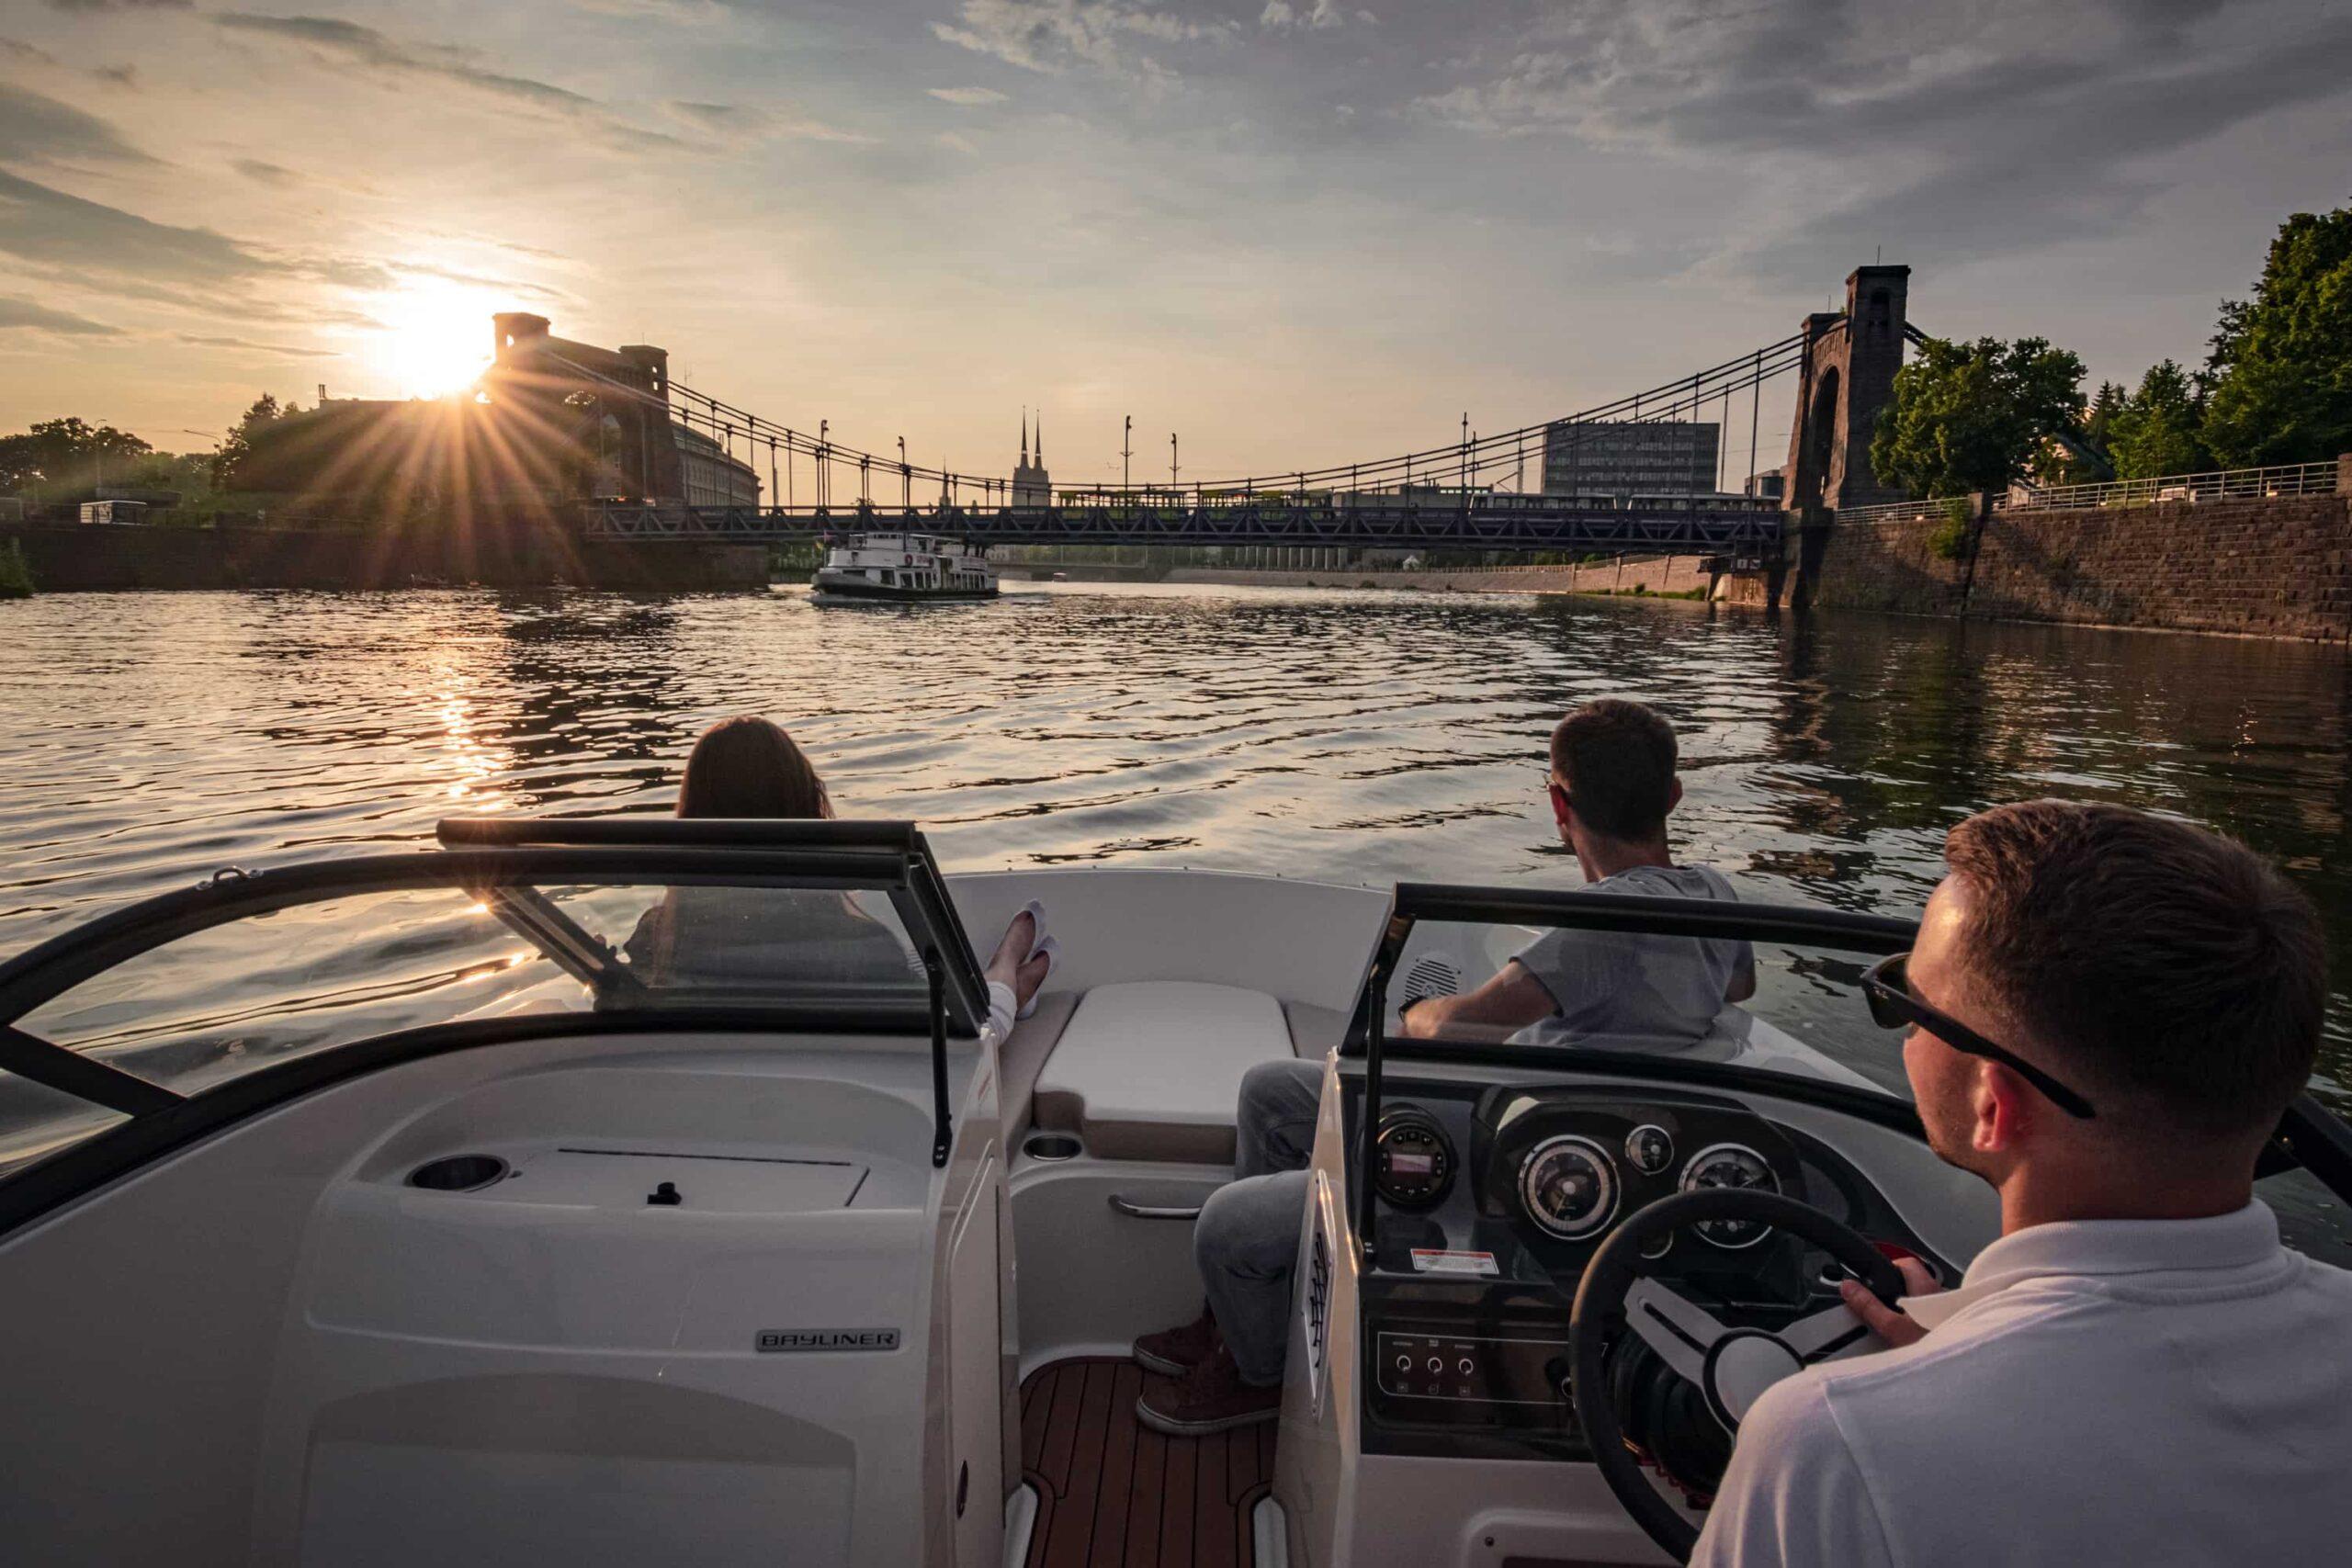 szkolenie motorowodne wrocław wroclaw wodniacy most grunwaldzki motorowka kierownica patent motorowodny statek odra rzeka